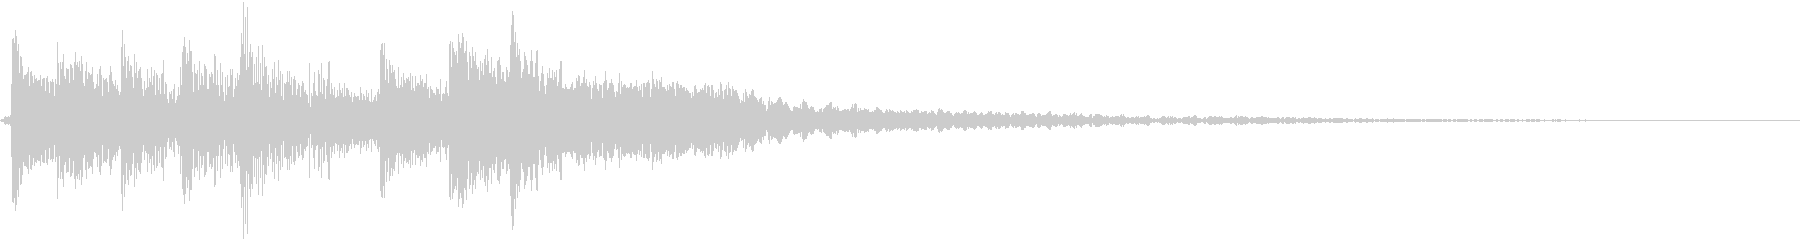 バンジョー:クイックコードアルペジ...の未再生の波形